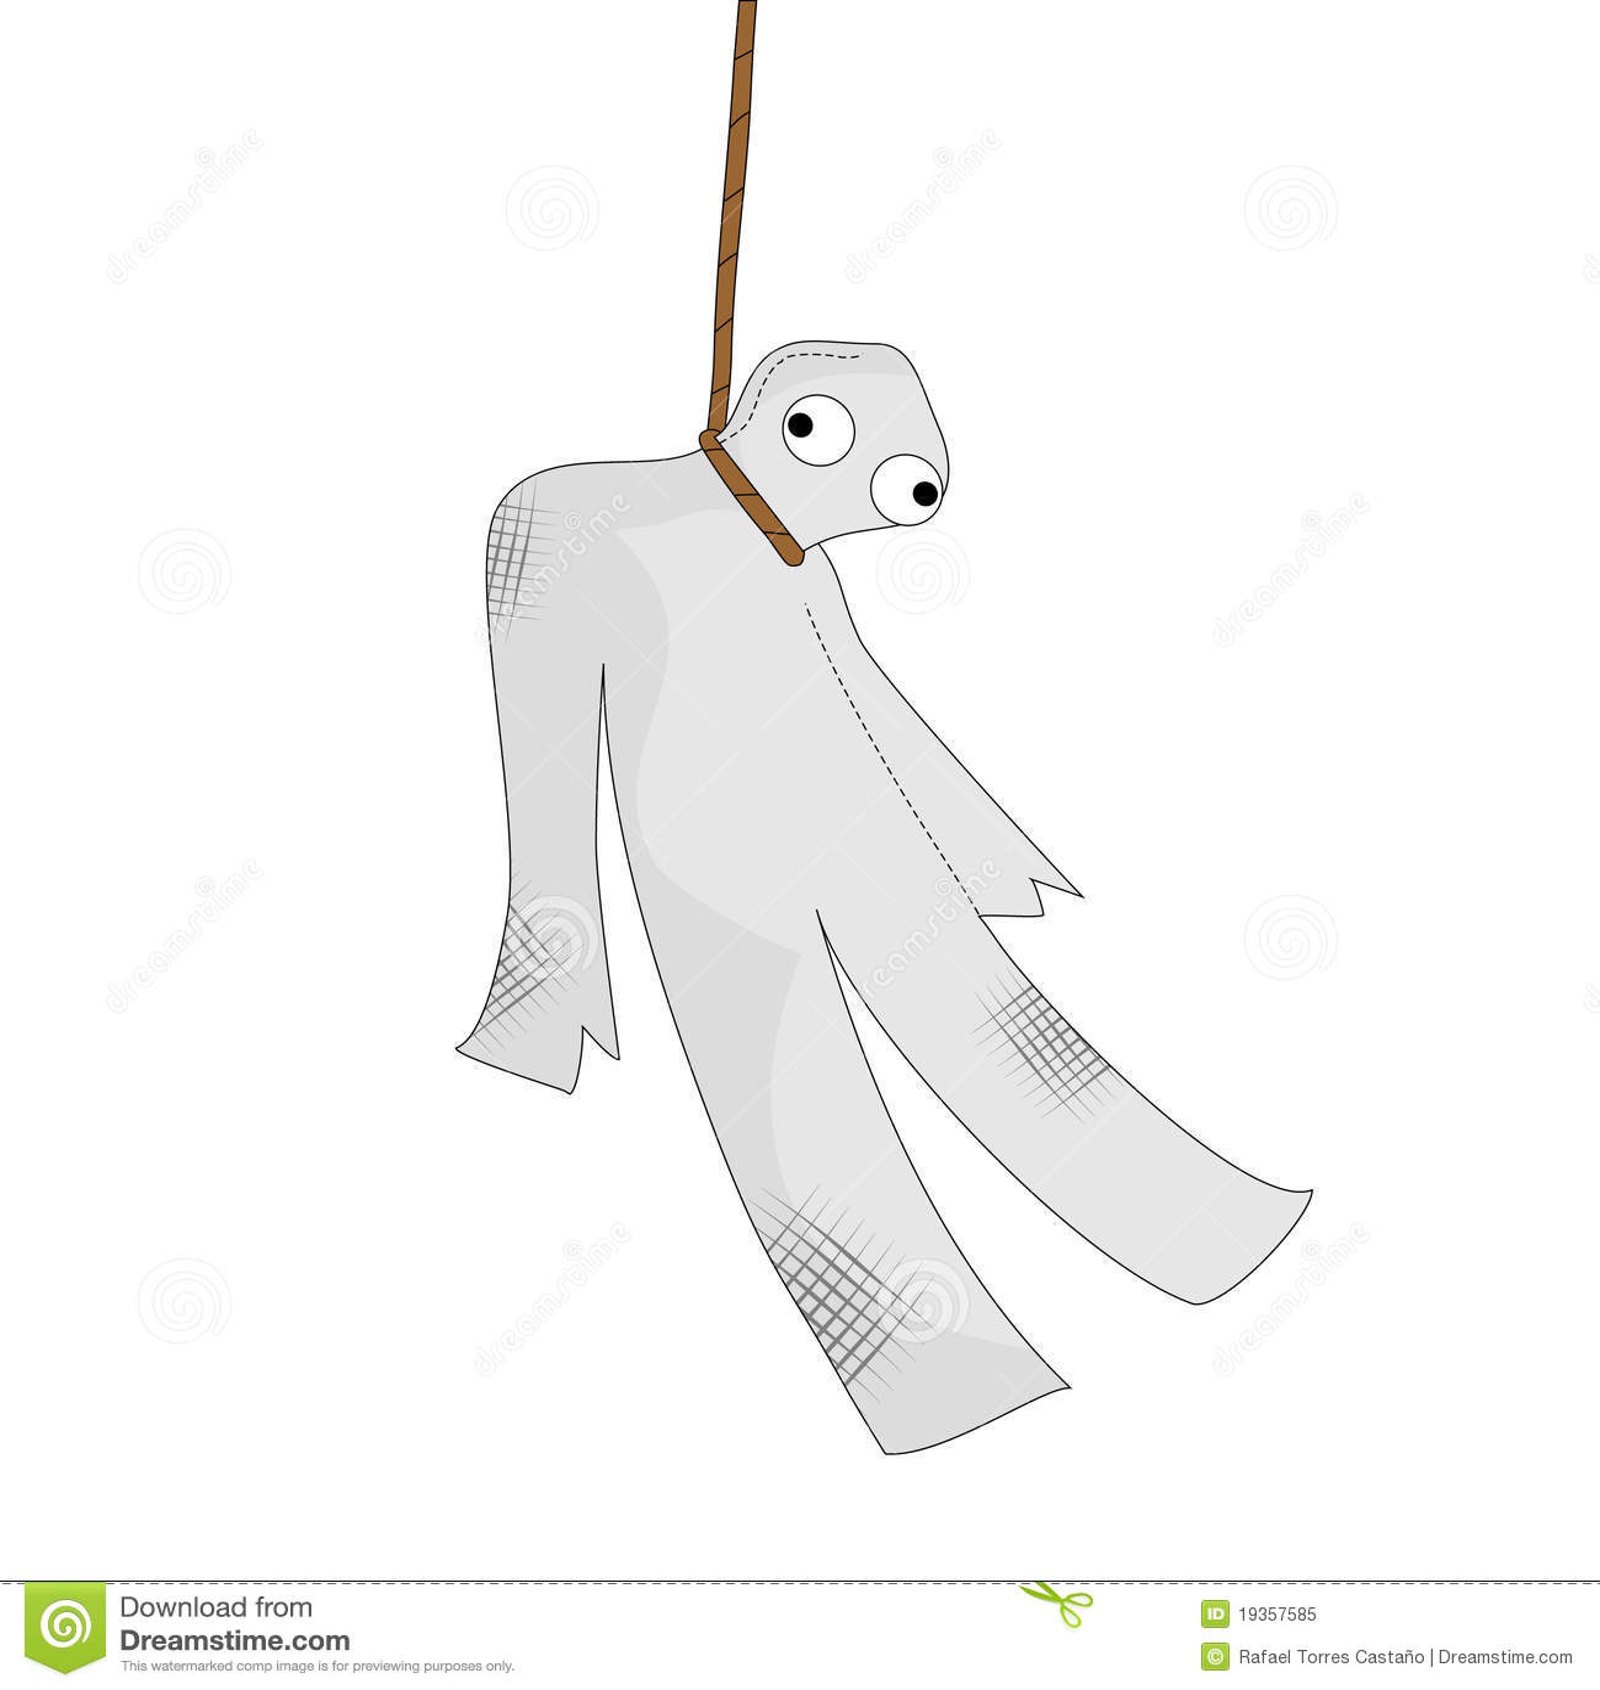 O fantoche morreu